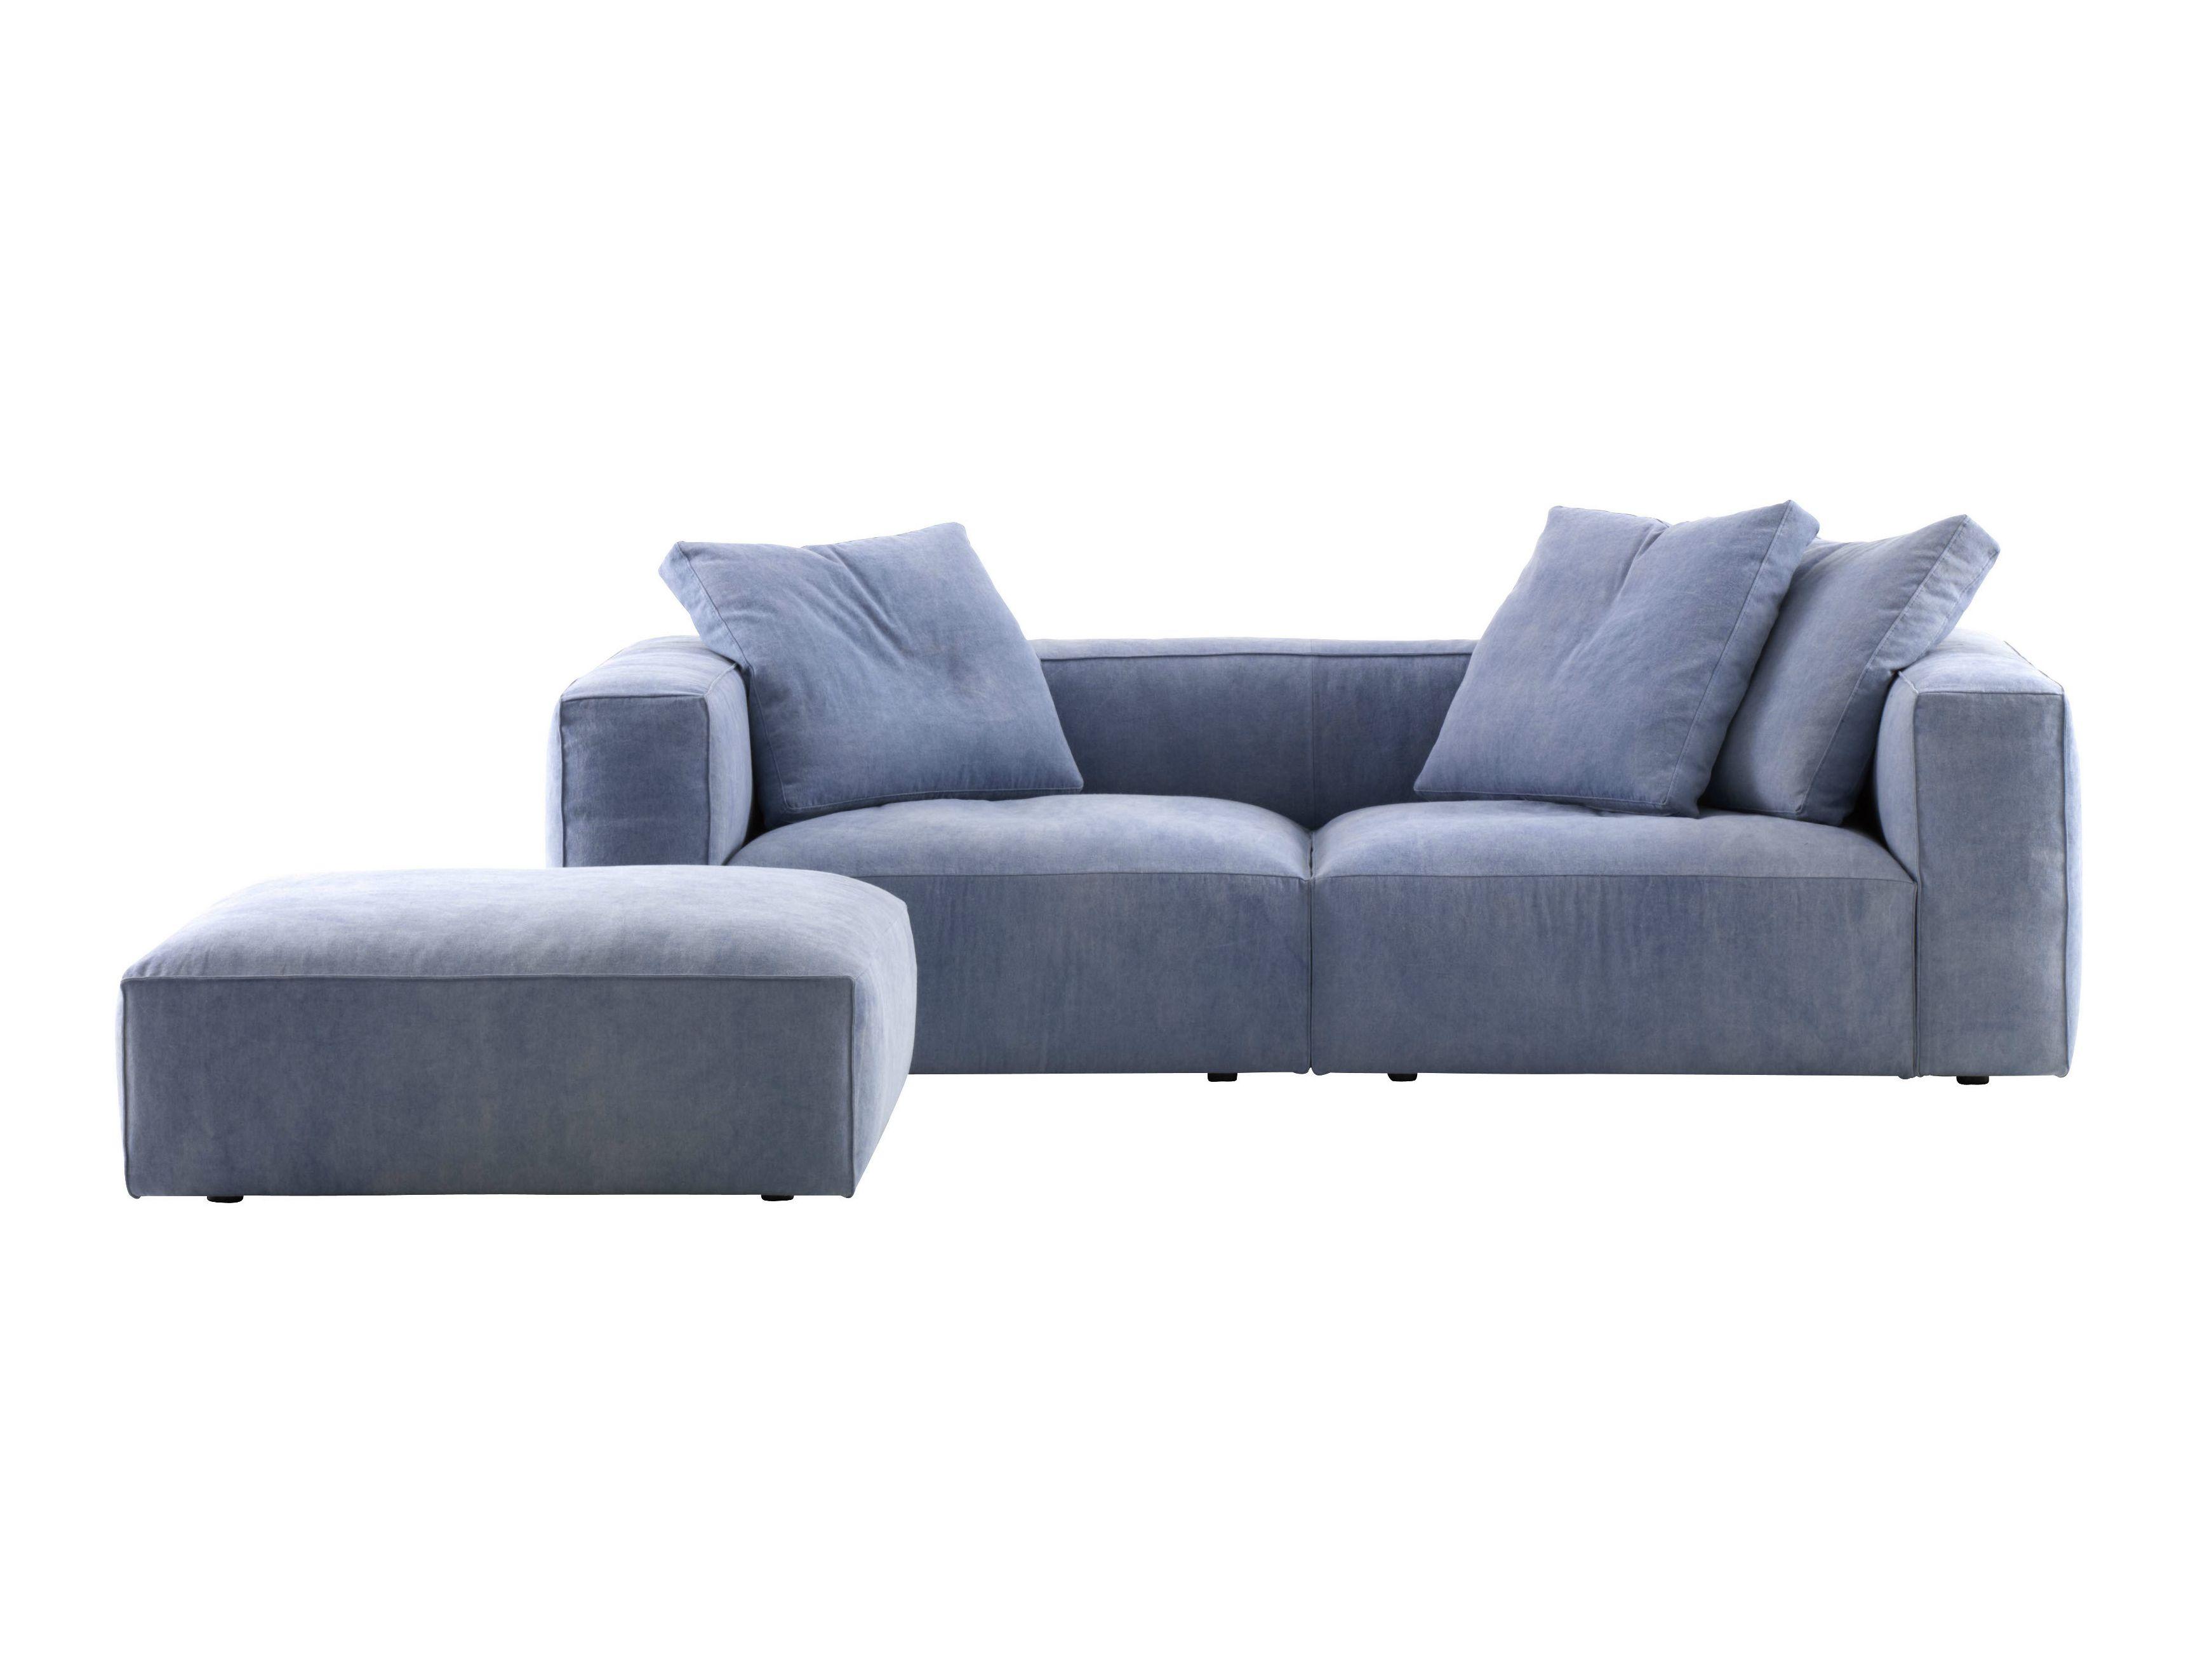 Ligne Roset Schlafsofa Multy Preis nils sofa ligne roset preis farmersagentartruiz com